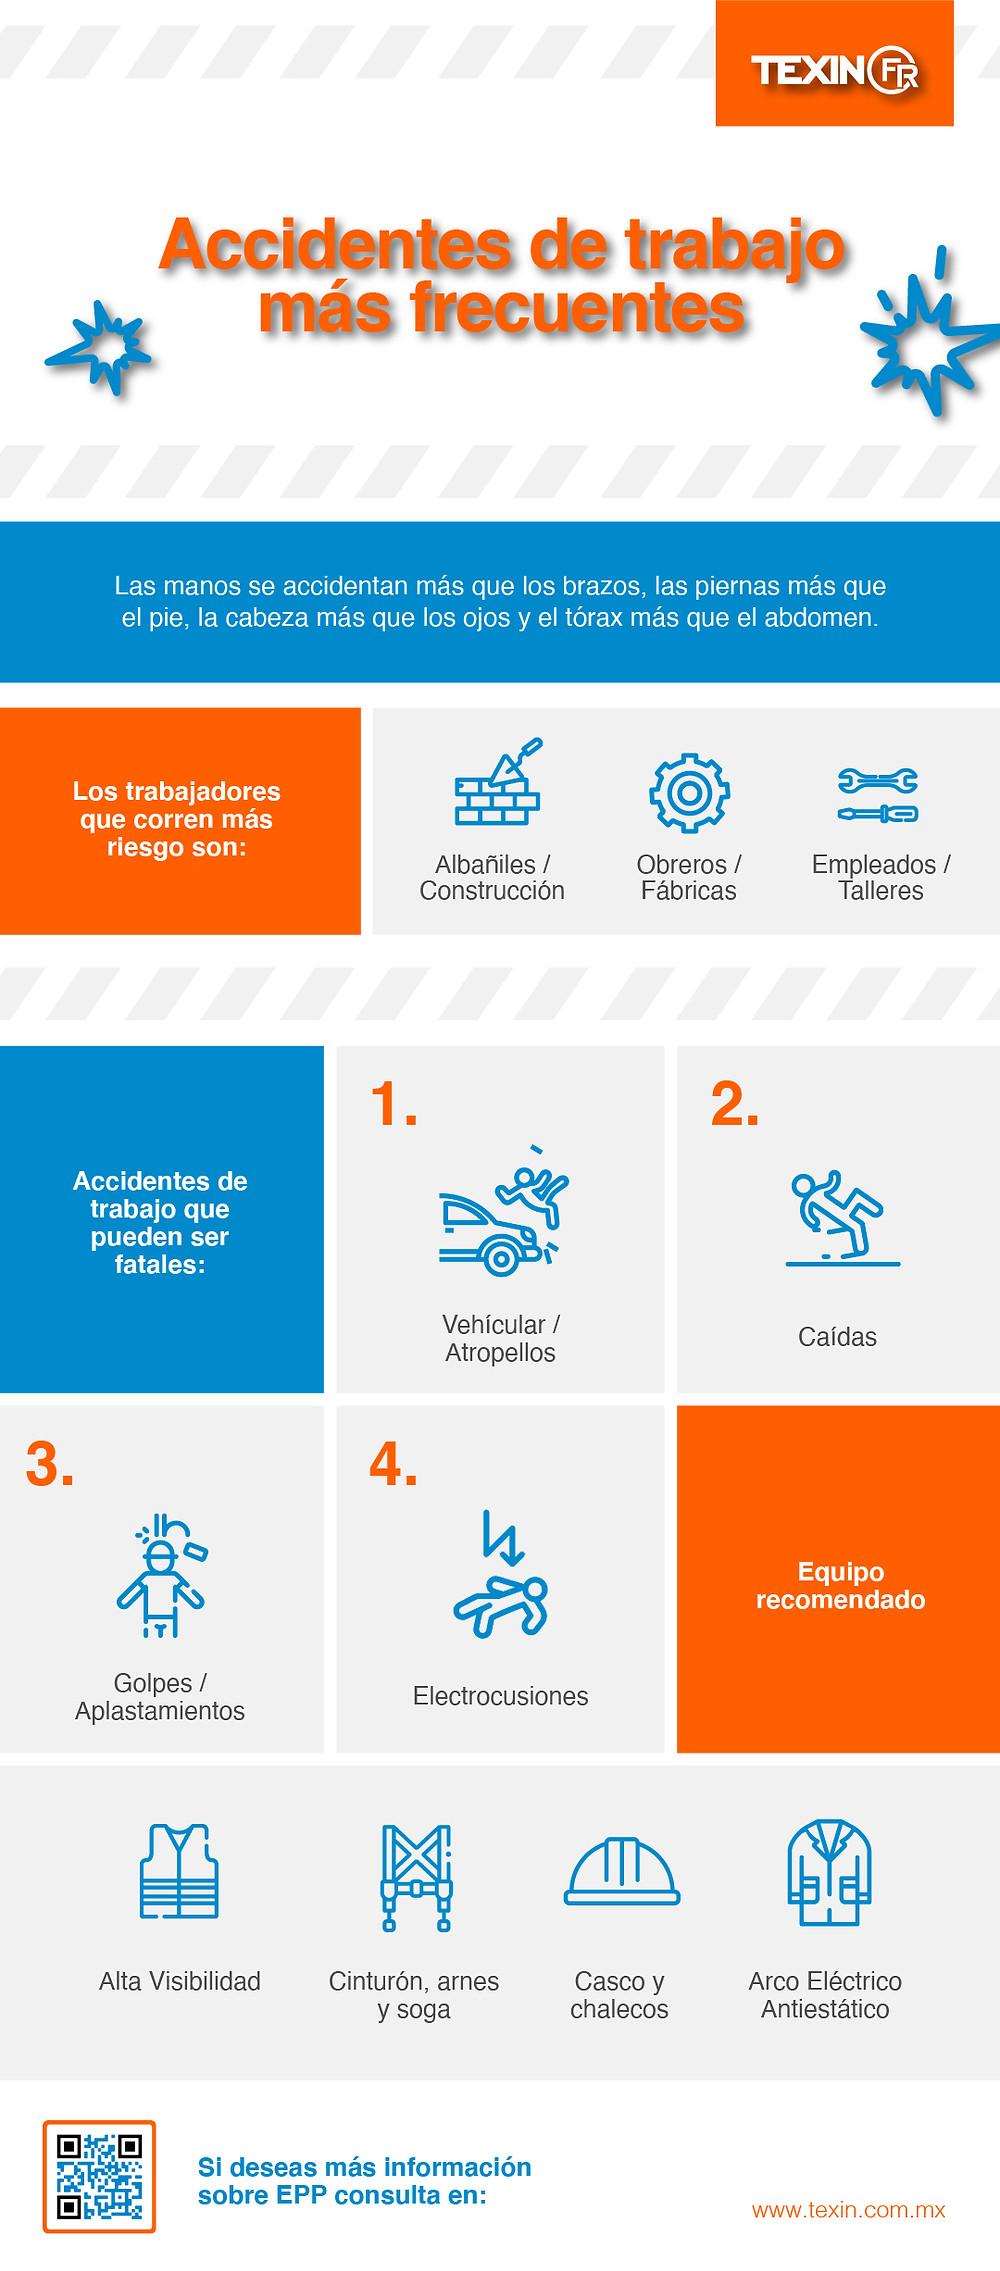 Infografía de los Accidentes de trabajo más frecuentes o comunes